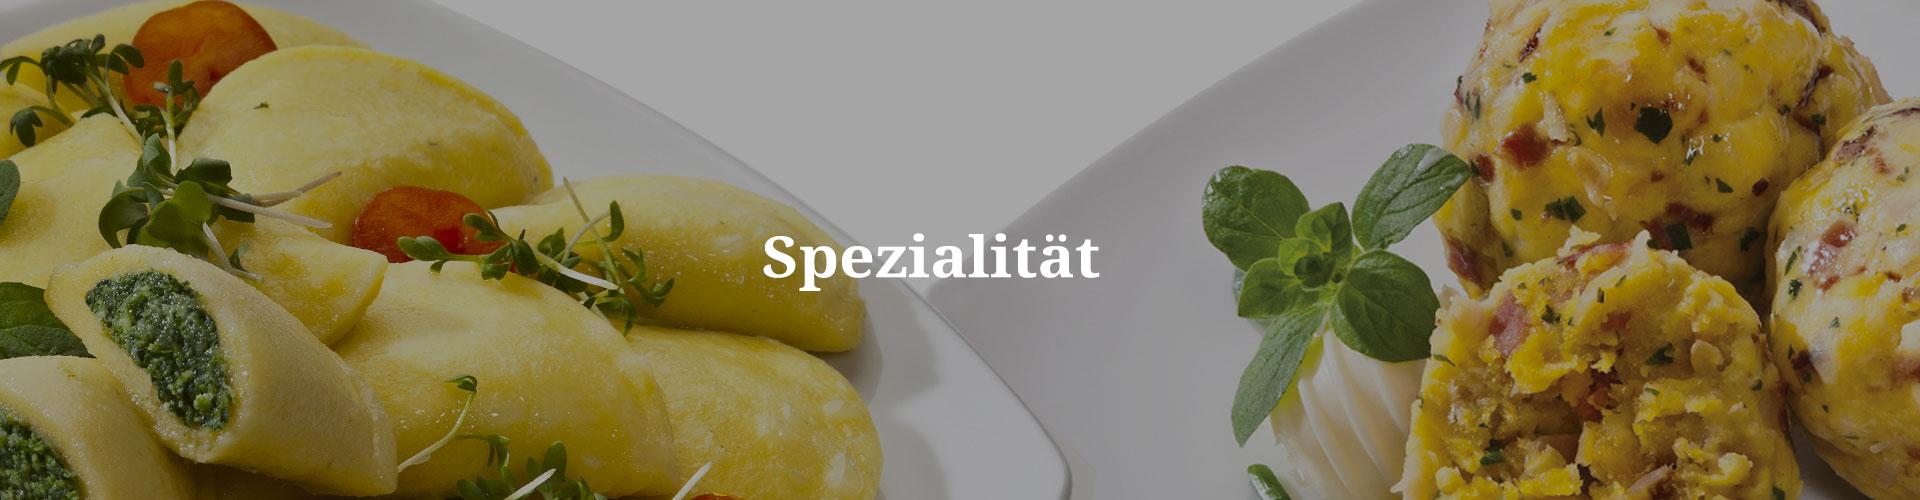 specialita-delicatessen-deu